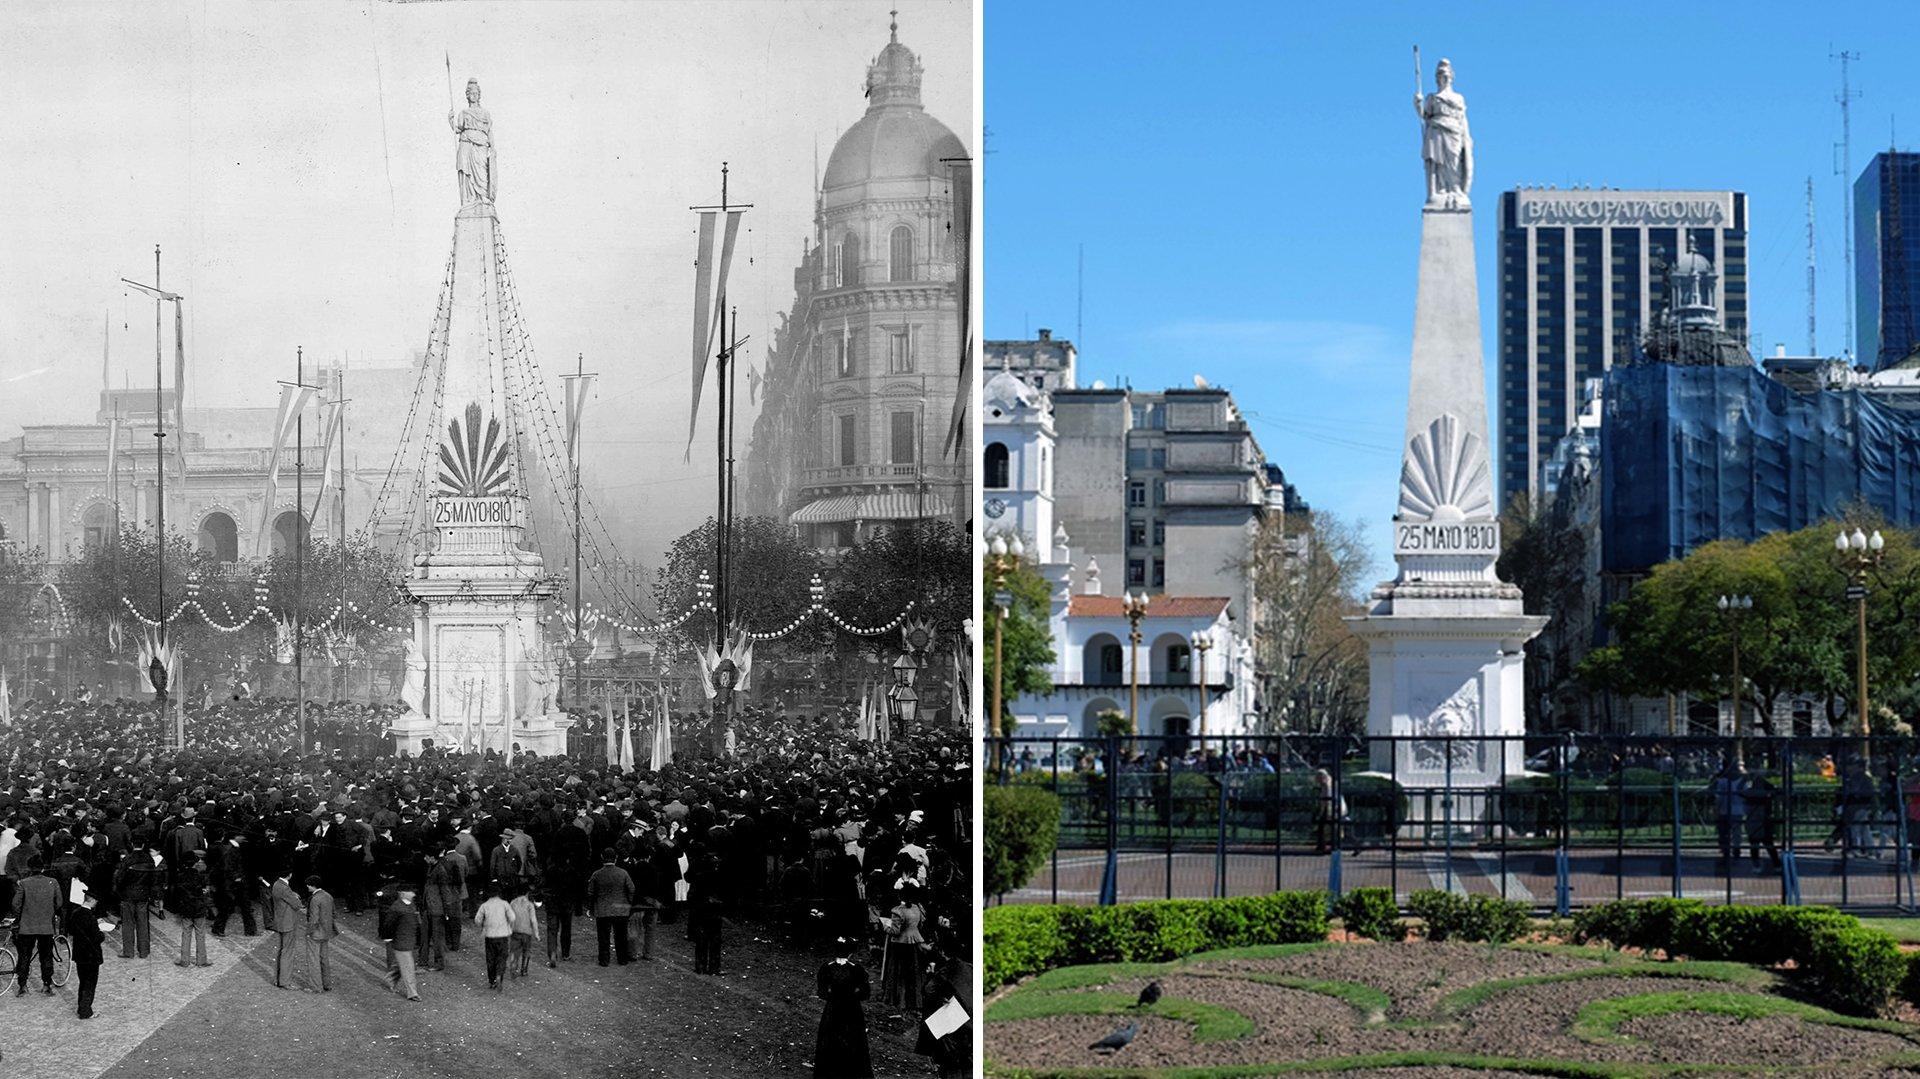 Buenos Aires ayer y hoy, la ciudad luego de más de un siglo